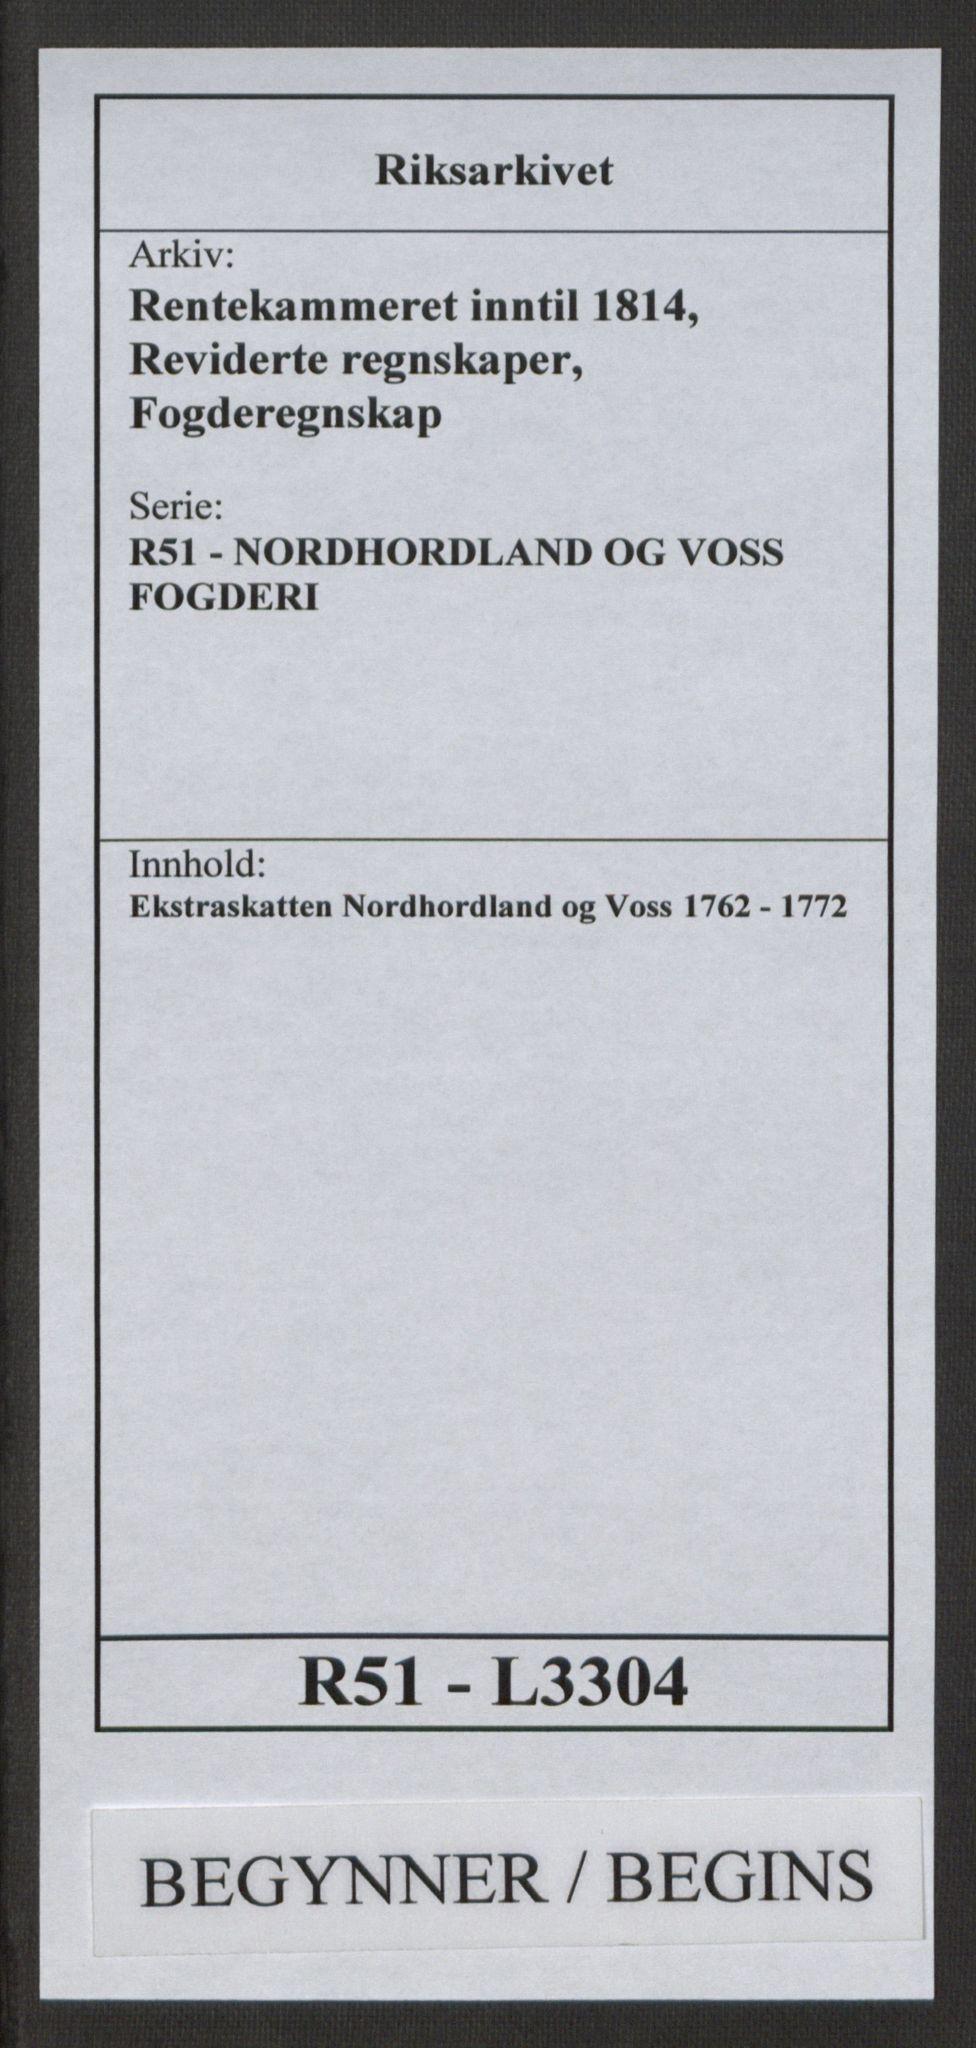 RA, Rentekammeret inntil 1814, Reviderte regnskaper, Fogderegnskap, R51/L3304: Ekstraskatten Nordhordland og Voss, 1762-1772, s. 1